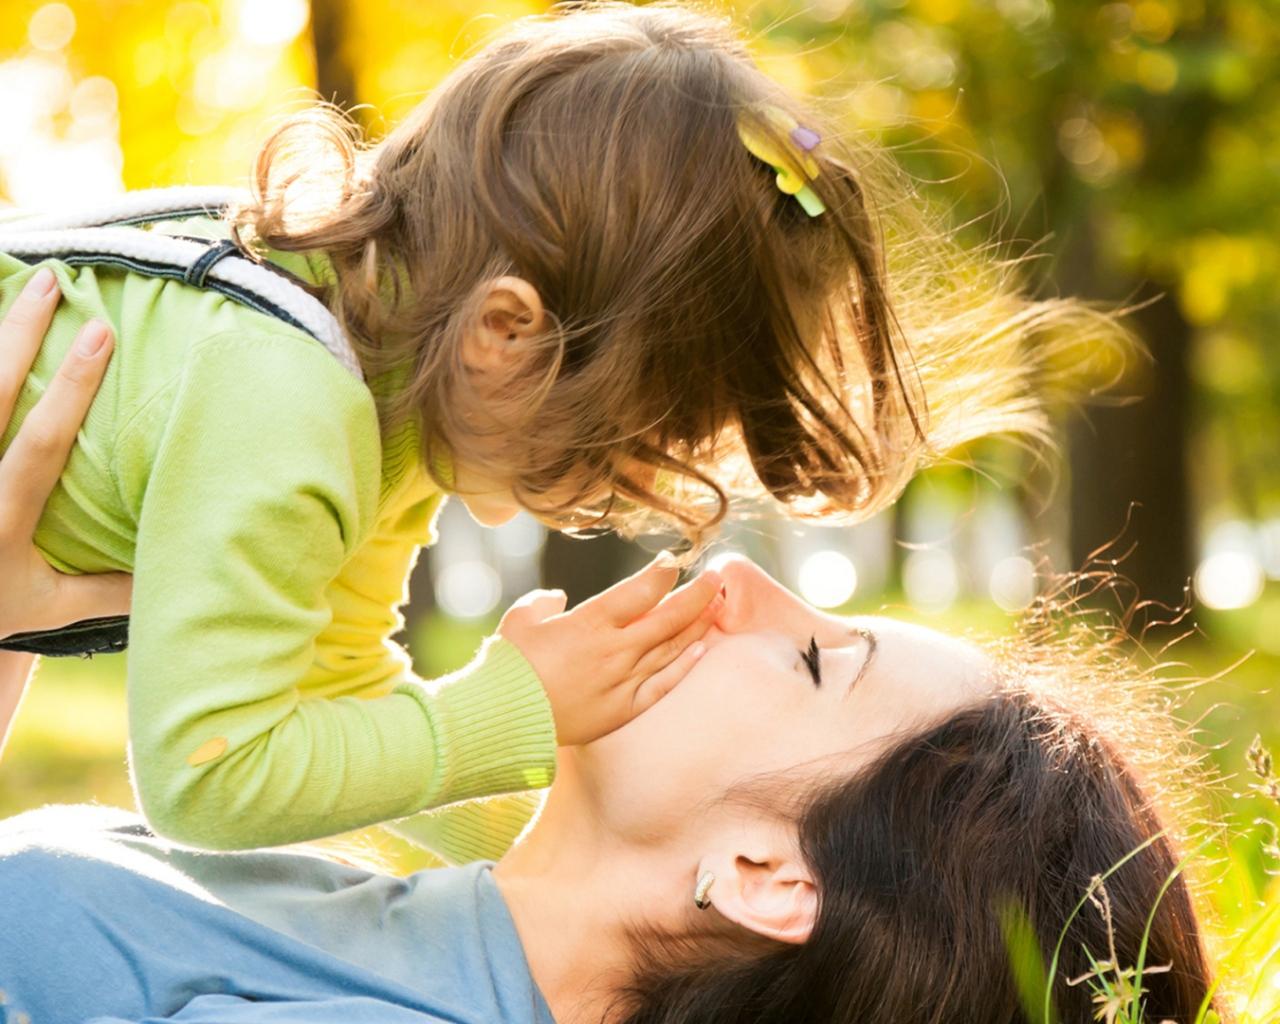 子育ての自信が無くなってしまった時、ママさんに考えて欲しい事